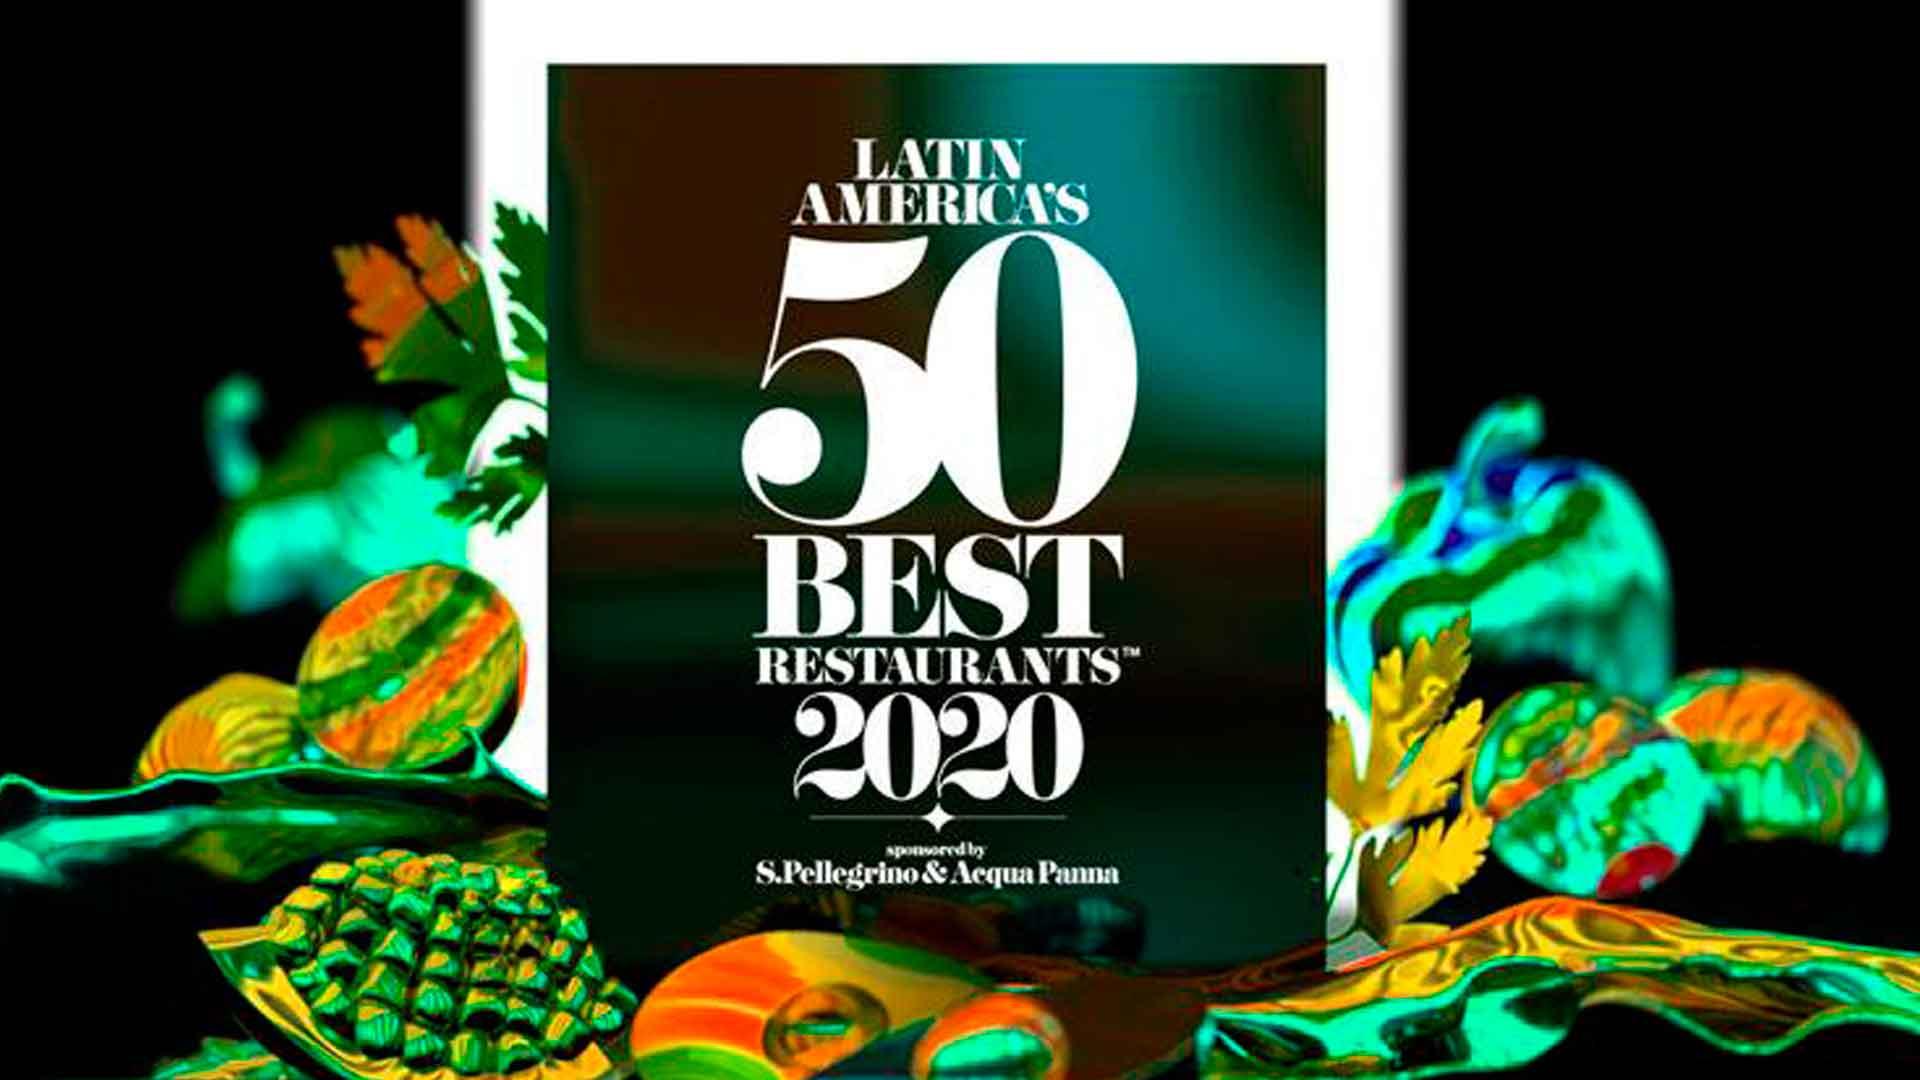 Conoce la lista completa de los Latin America's 50 Best Restaurants 2020